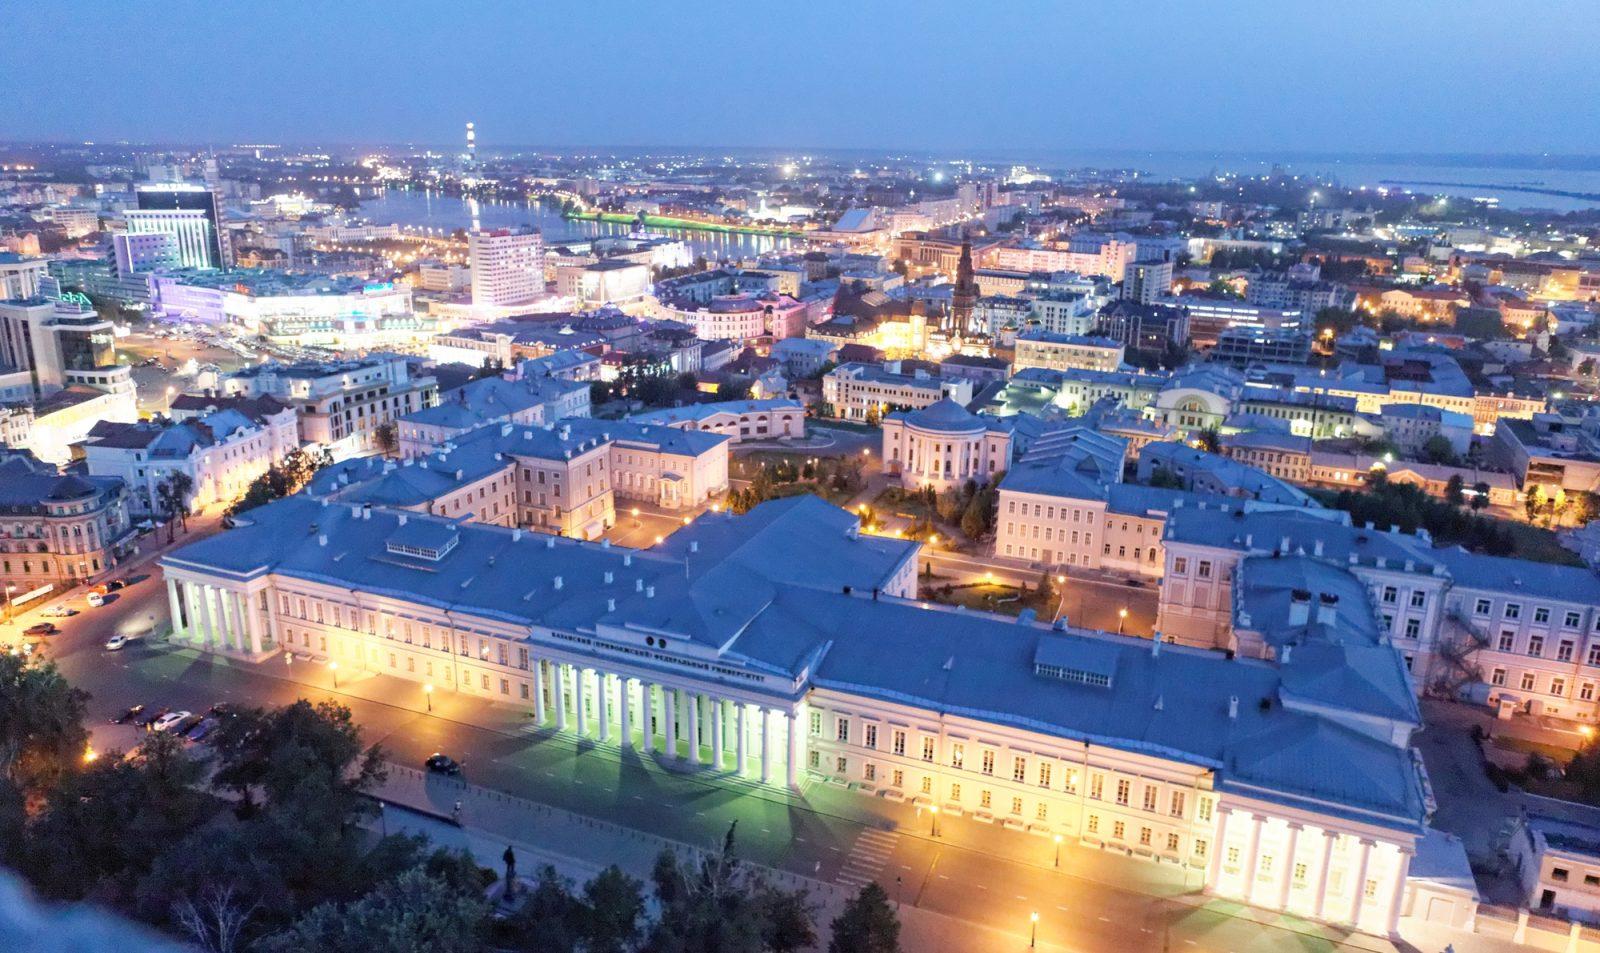 Ocjena najboljih sveučilišta u Kazanju u 2020